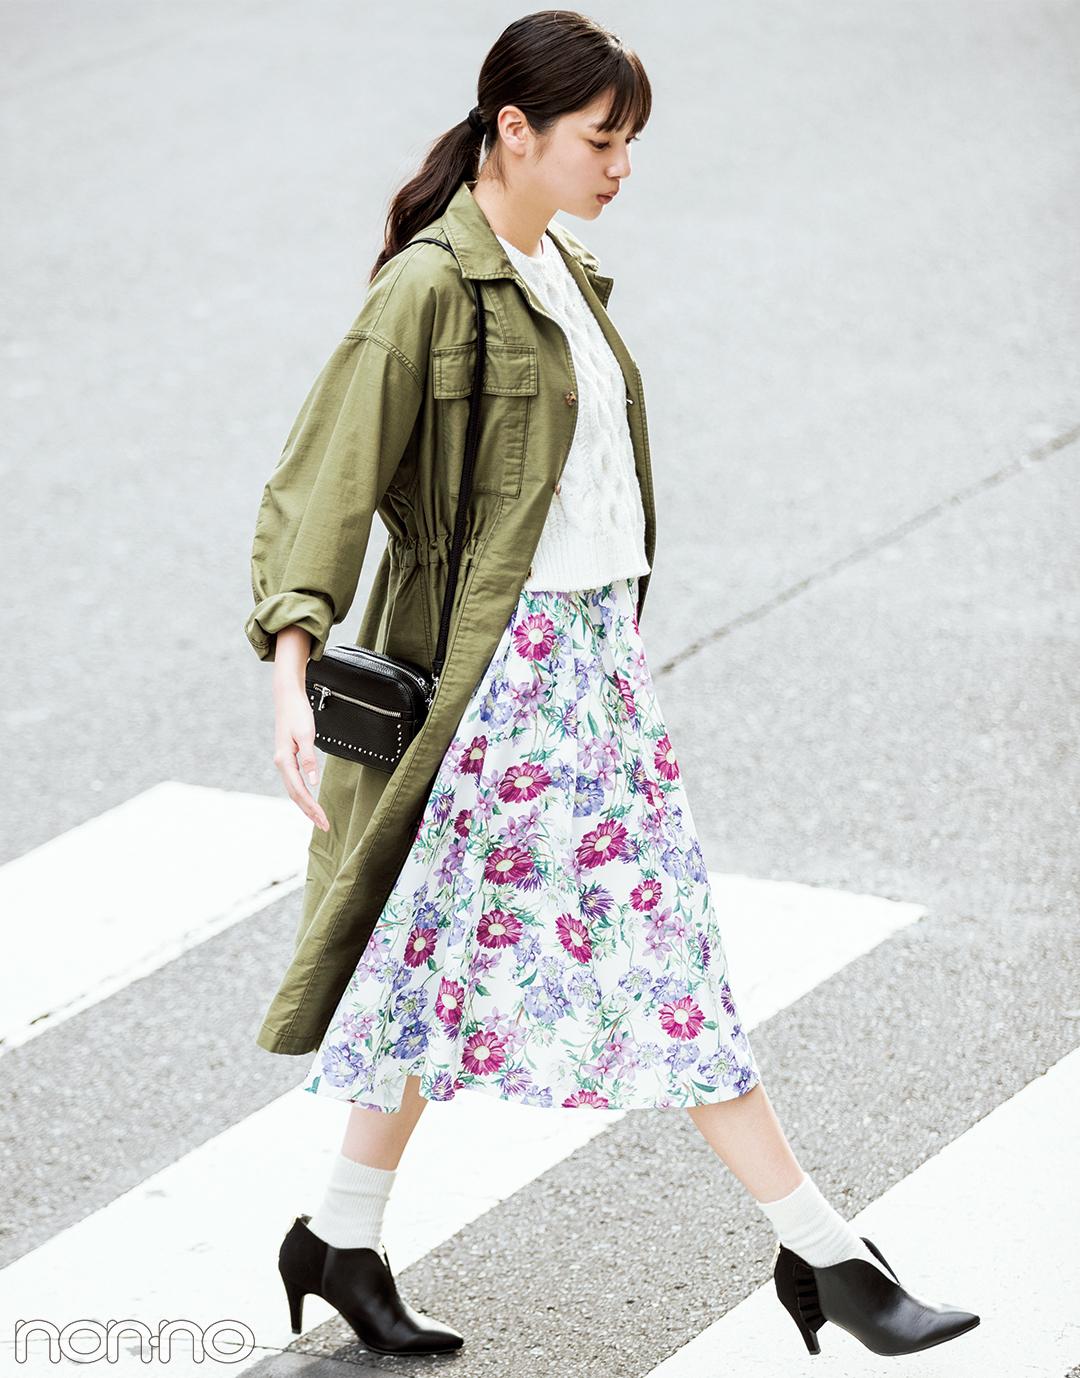 【花柄スカートコーデ】鮮やかな花柄スカートにワンピースをガウン風に羽織って♡